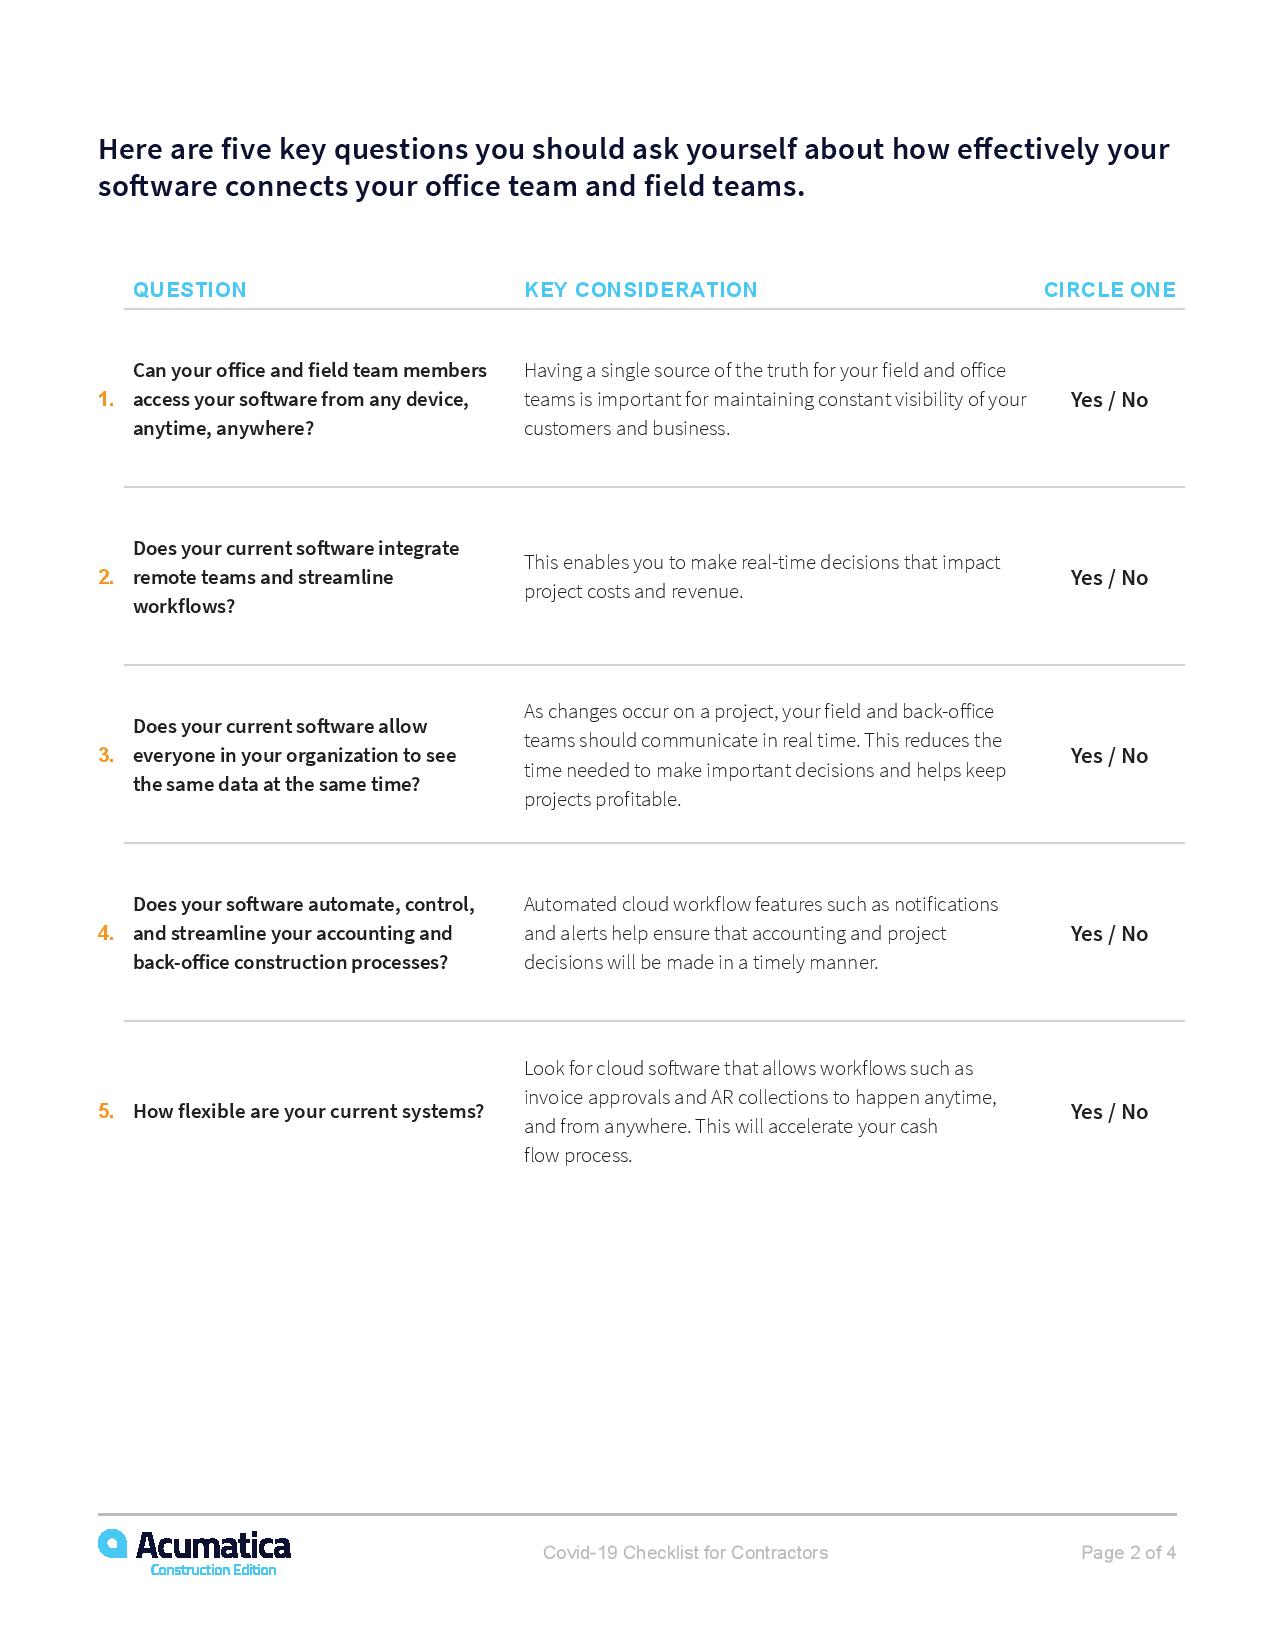 COVID-19 Checklist for Contractors, page 1